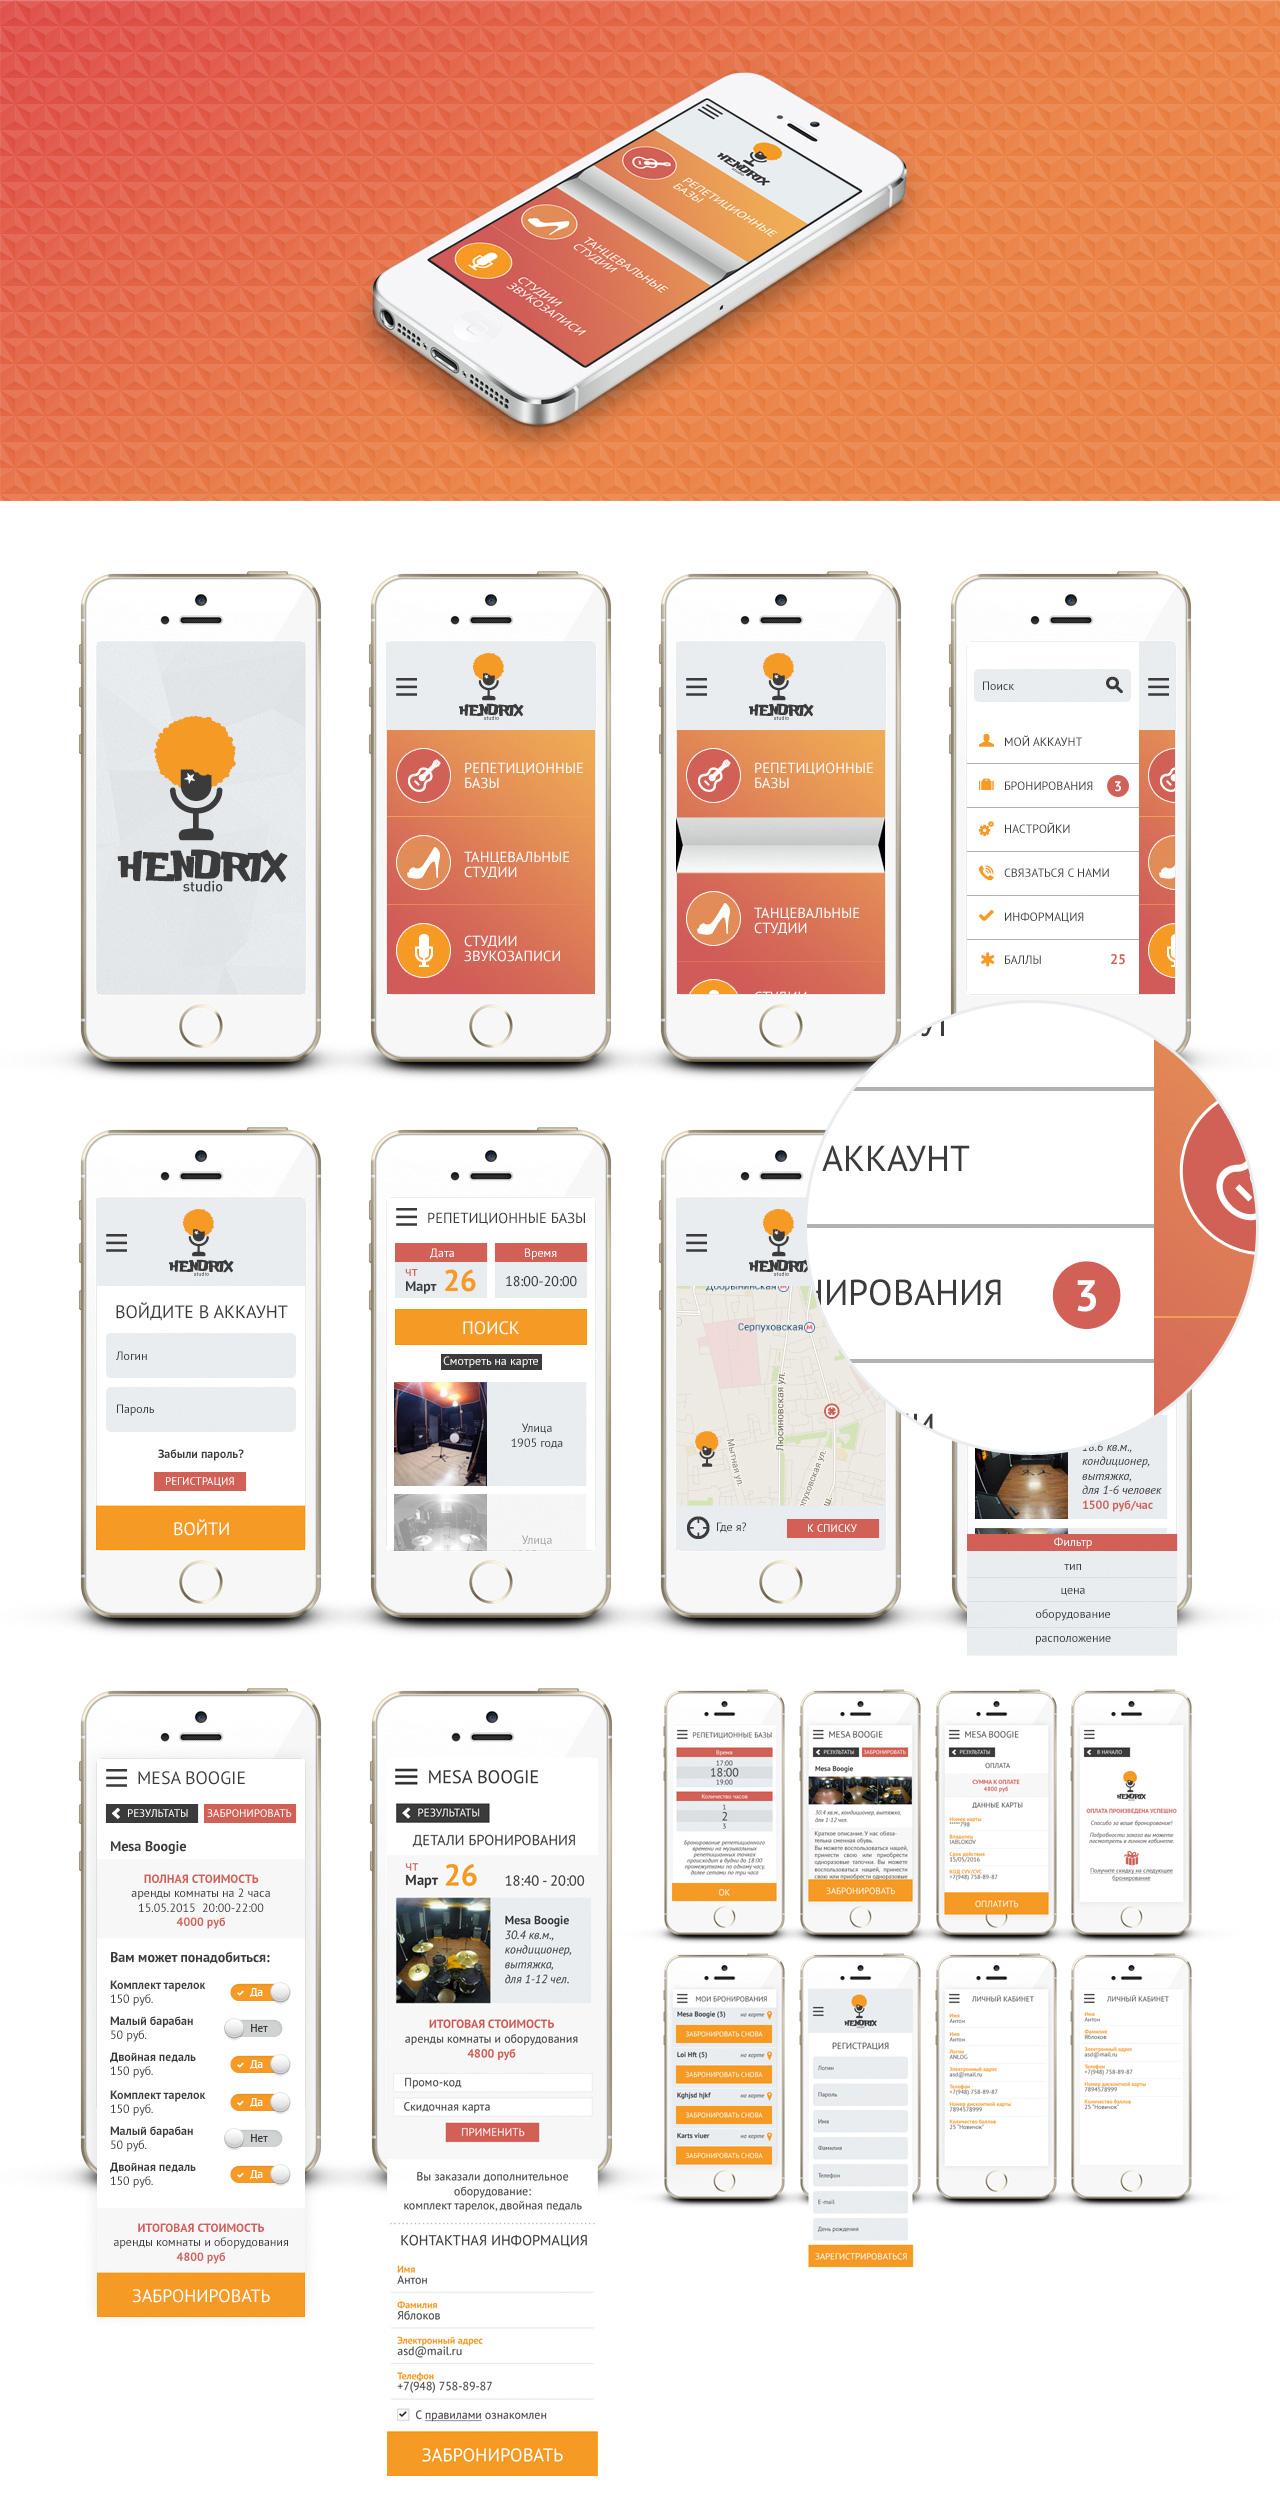 Дизайн приложения для бронирования музыкальных студий (iOS)